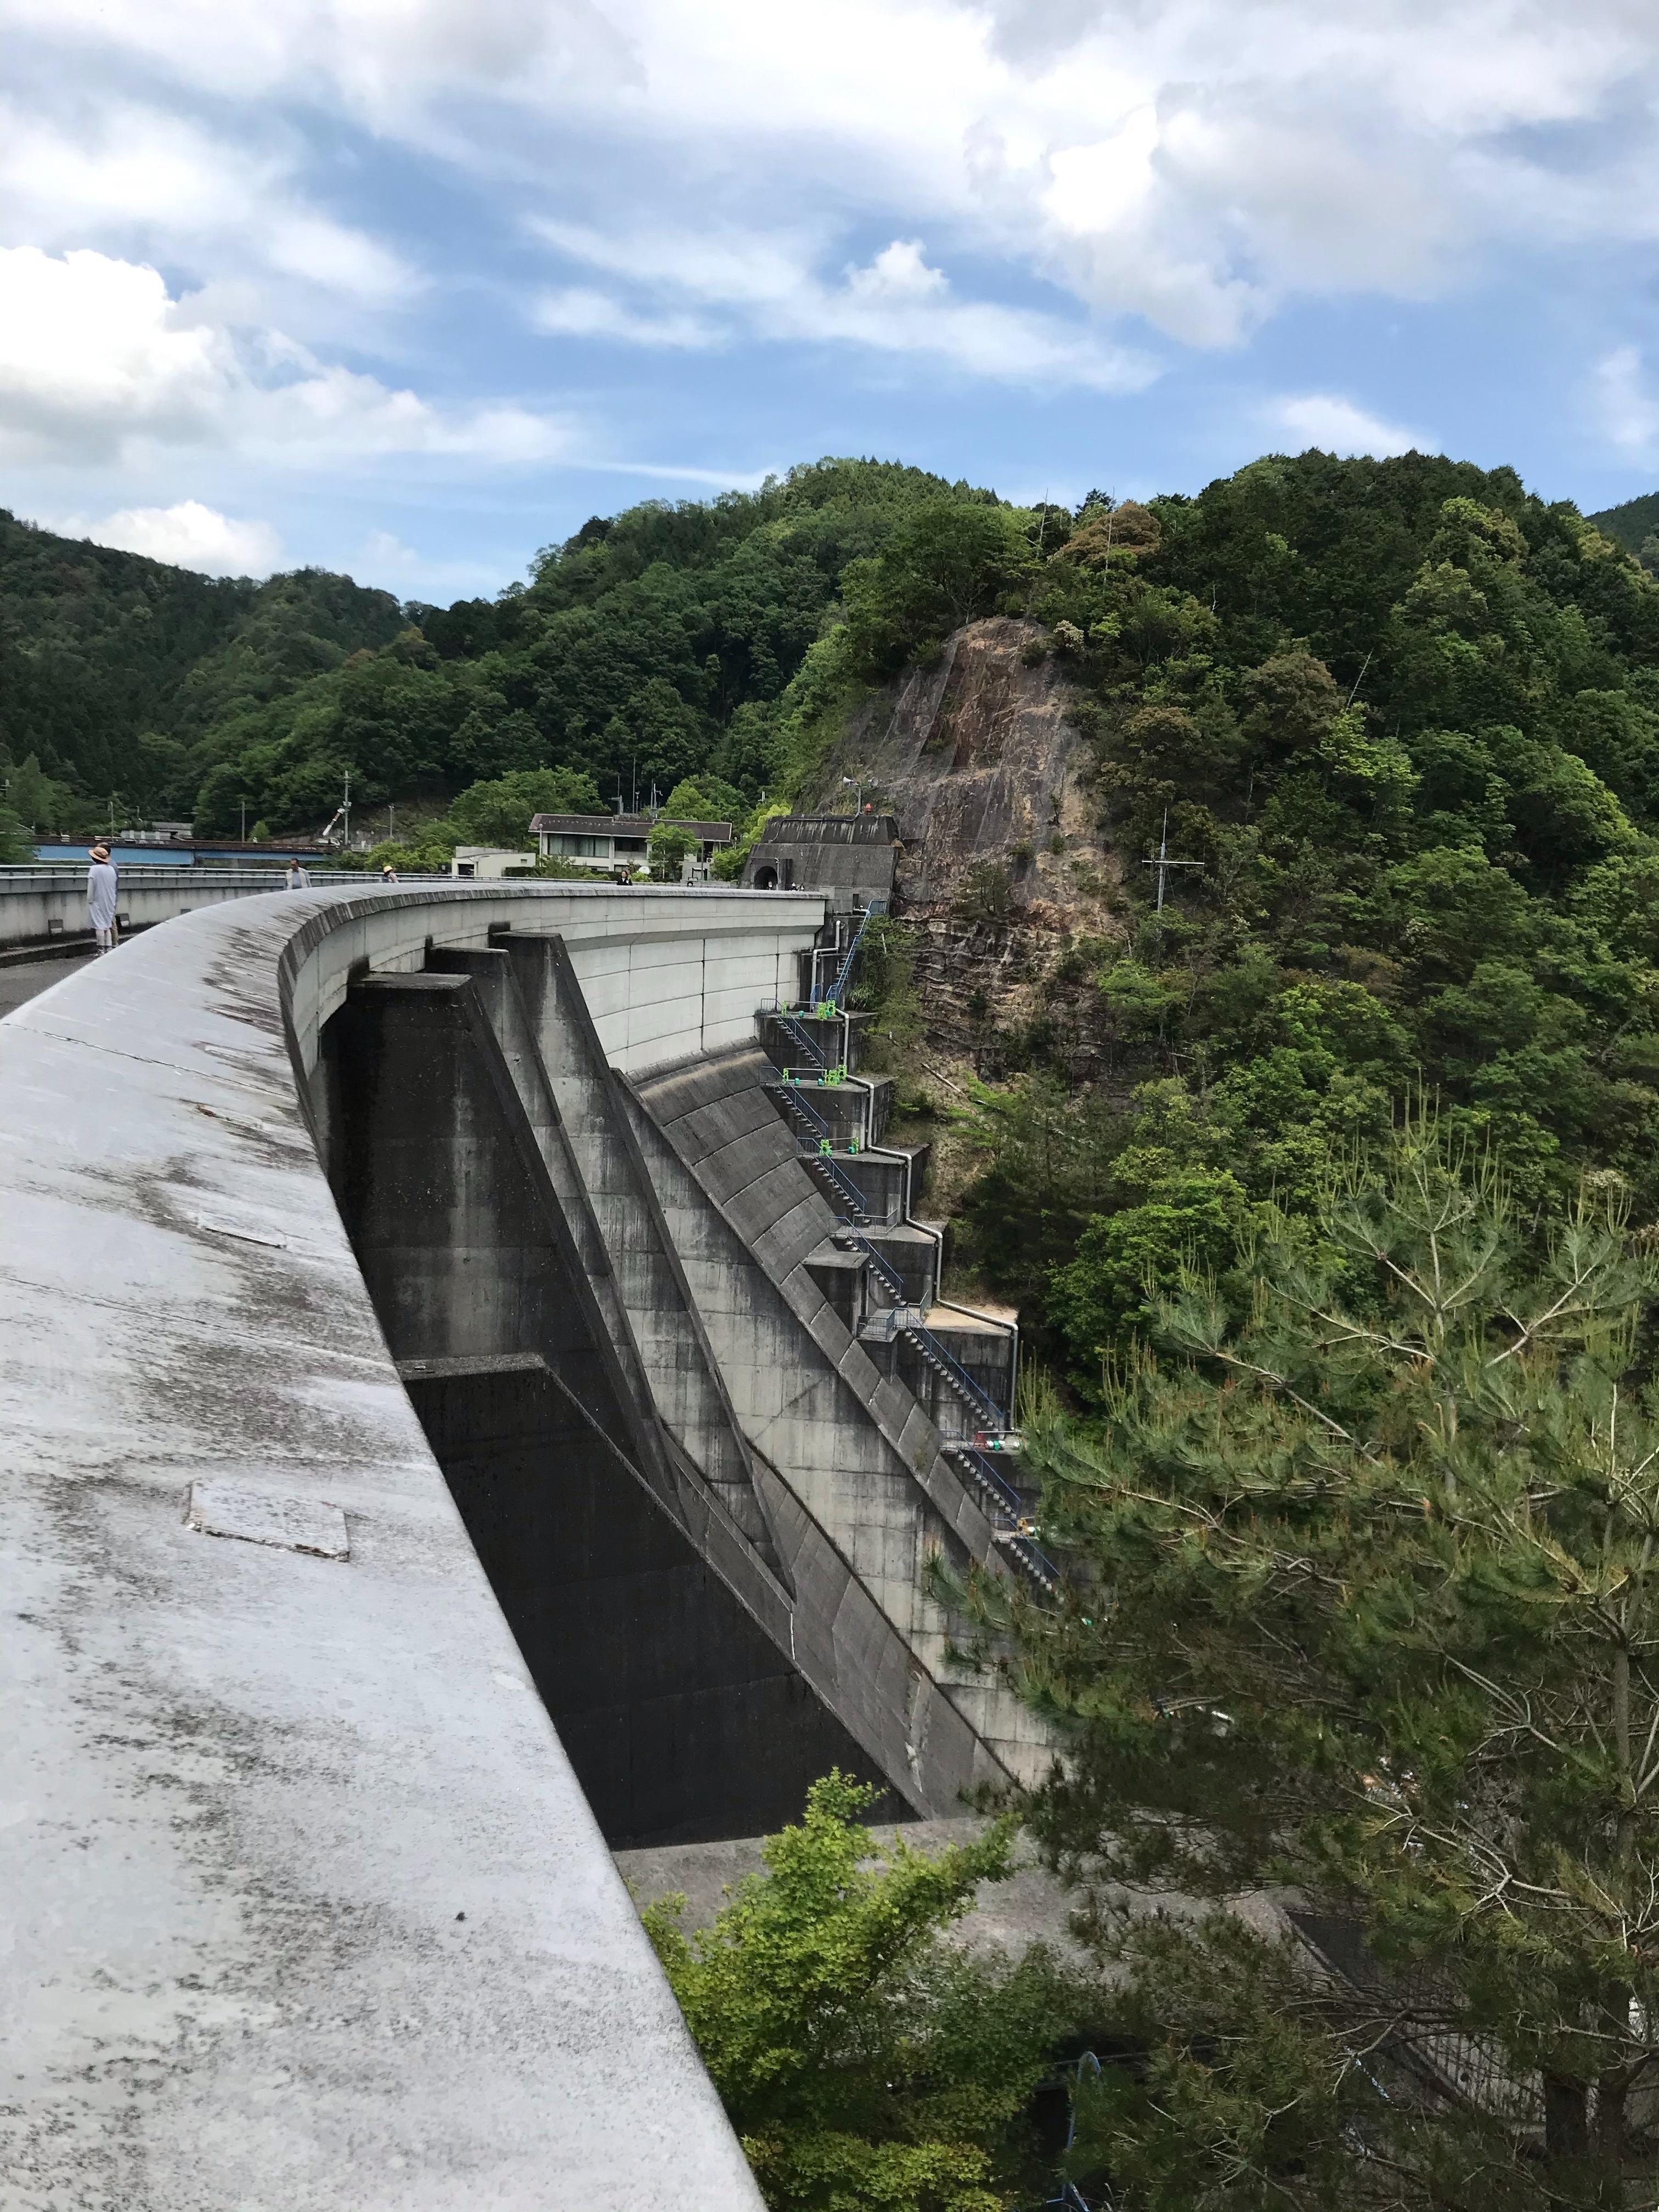 ぴーきち&ダイナ 大阪ツーリング 南河内郡 滝畑ダム 堤体